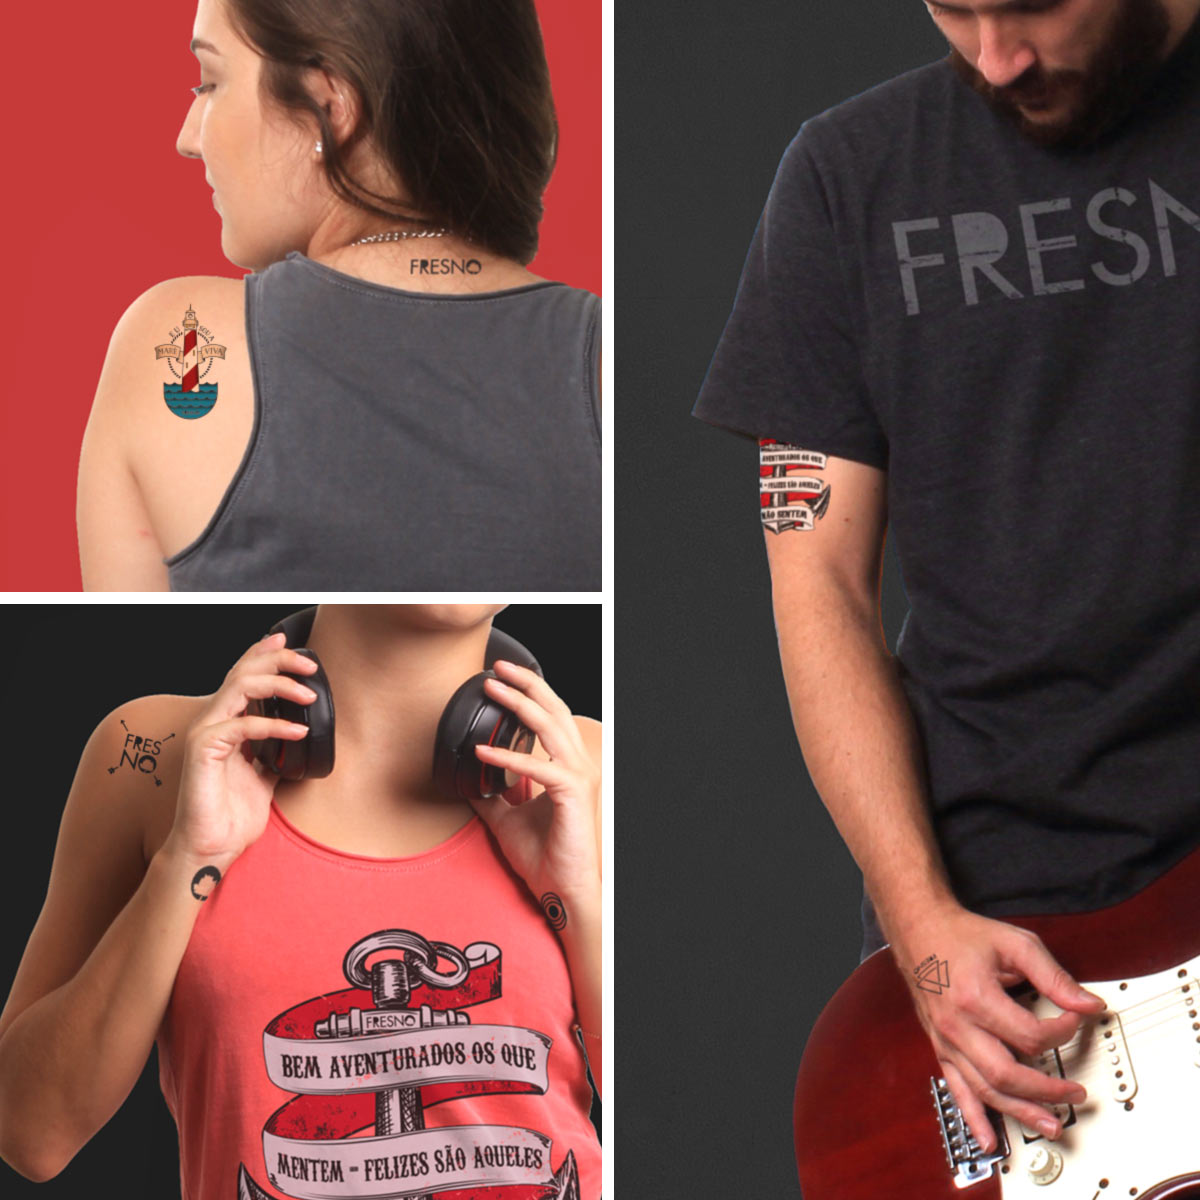 Tatuagem Fresno